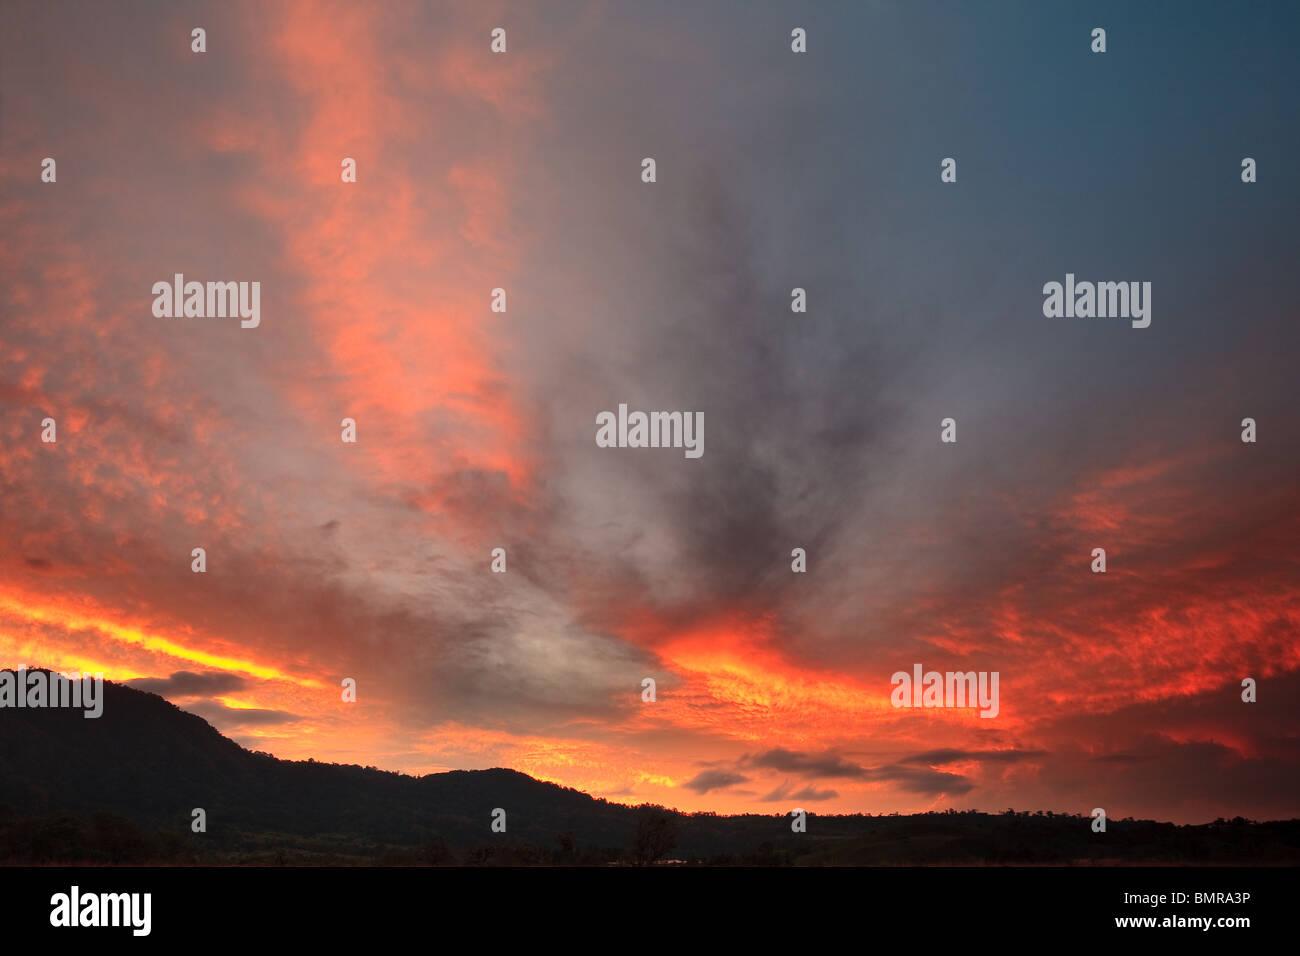 Ciel coloré spectaculaire à l'aube au volcan dans la province de Chiriqui, République du Panama. Photo Stock